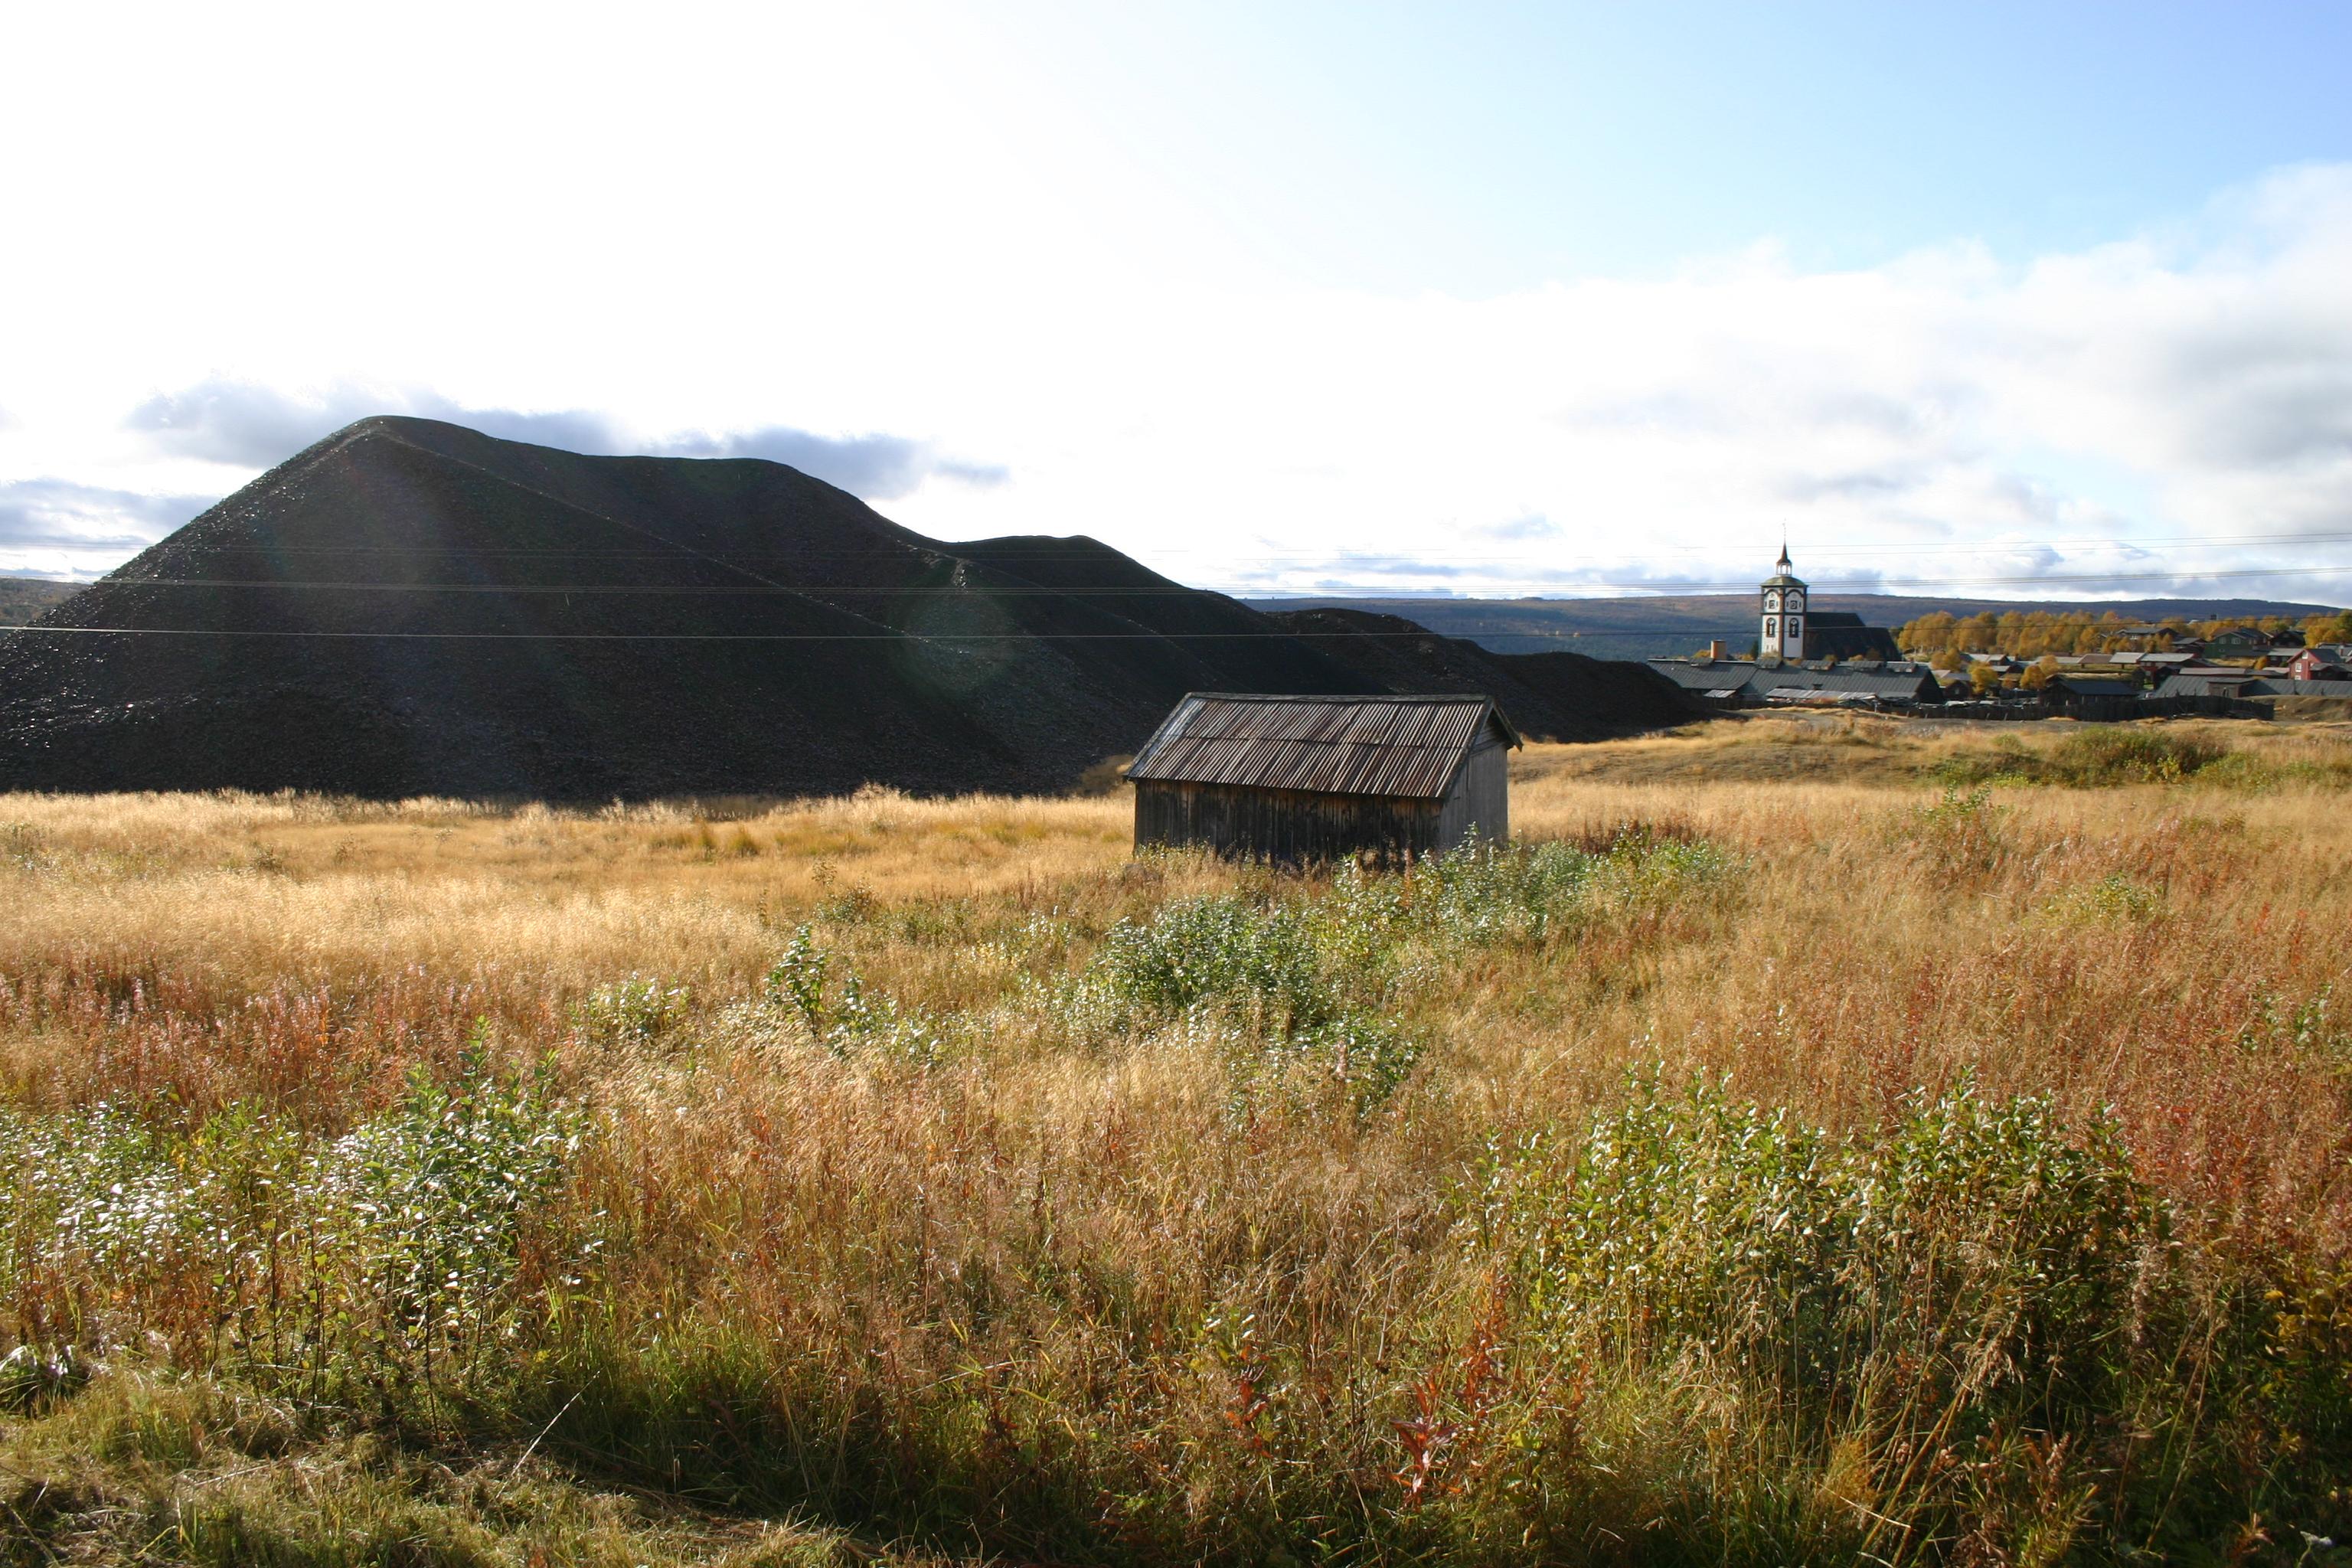 Fra det vakre kulturlandskapet med slagghauger i nærområdet til Røros. Foto: Lisen Roll Riksantikvaren